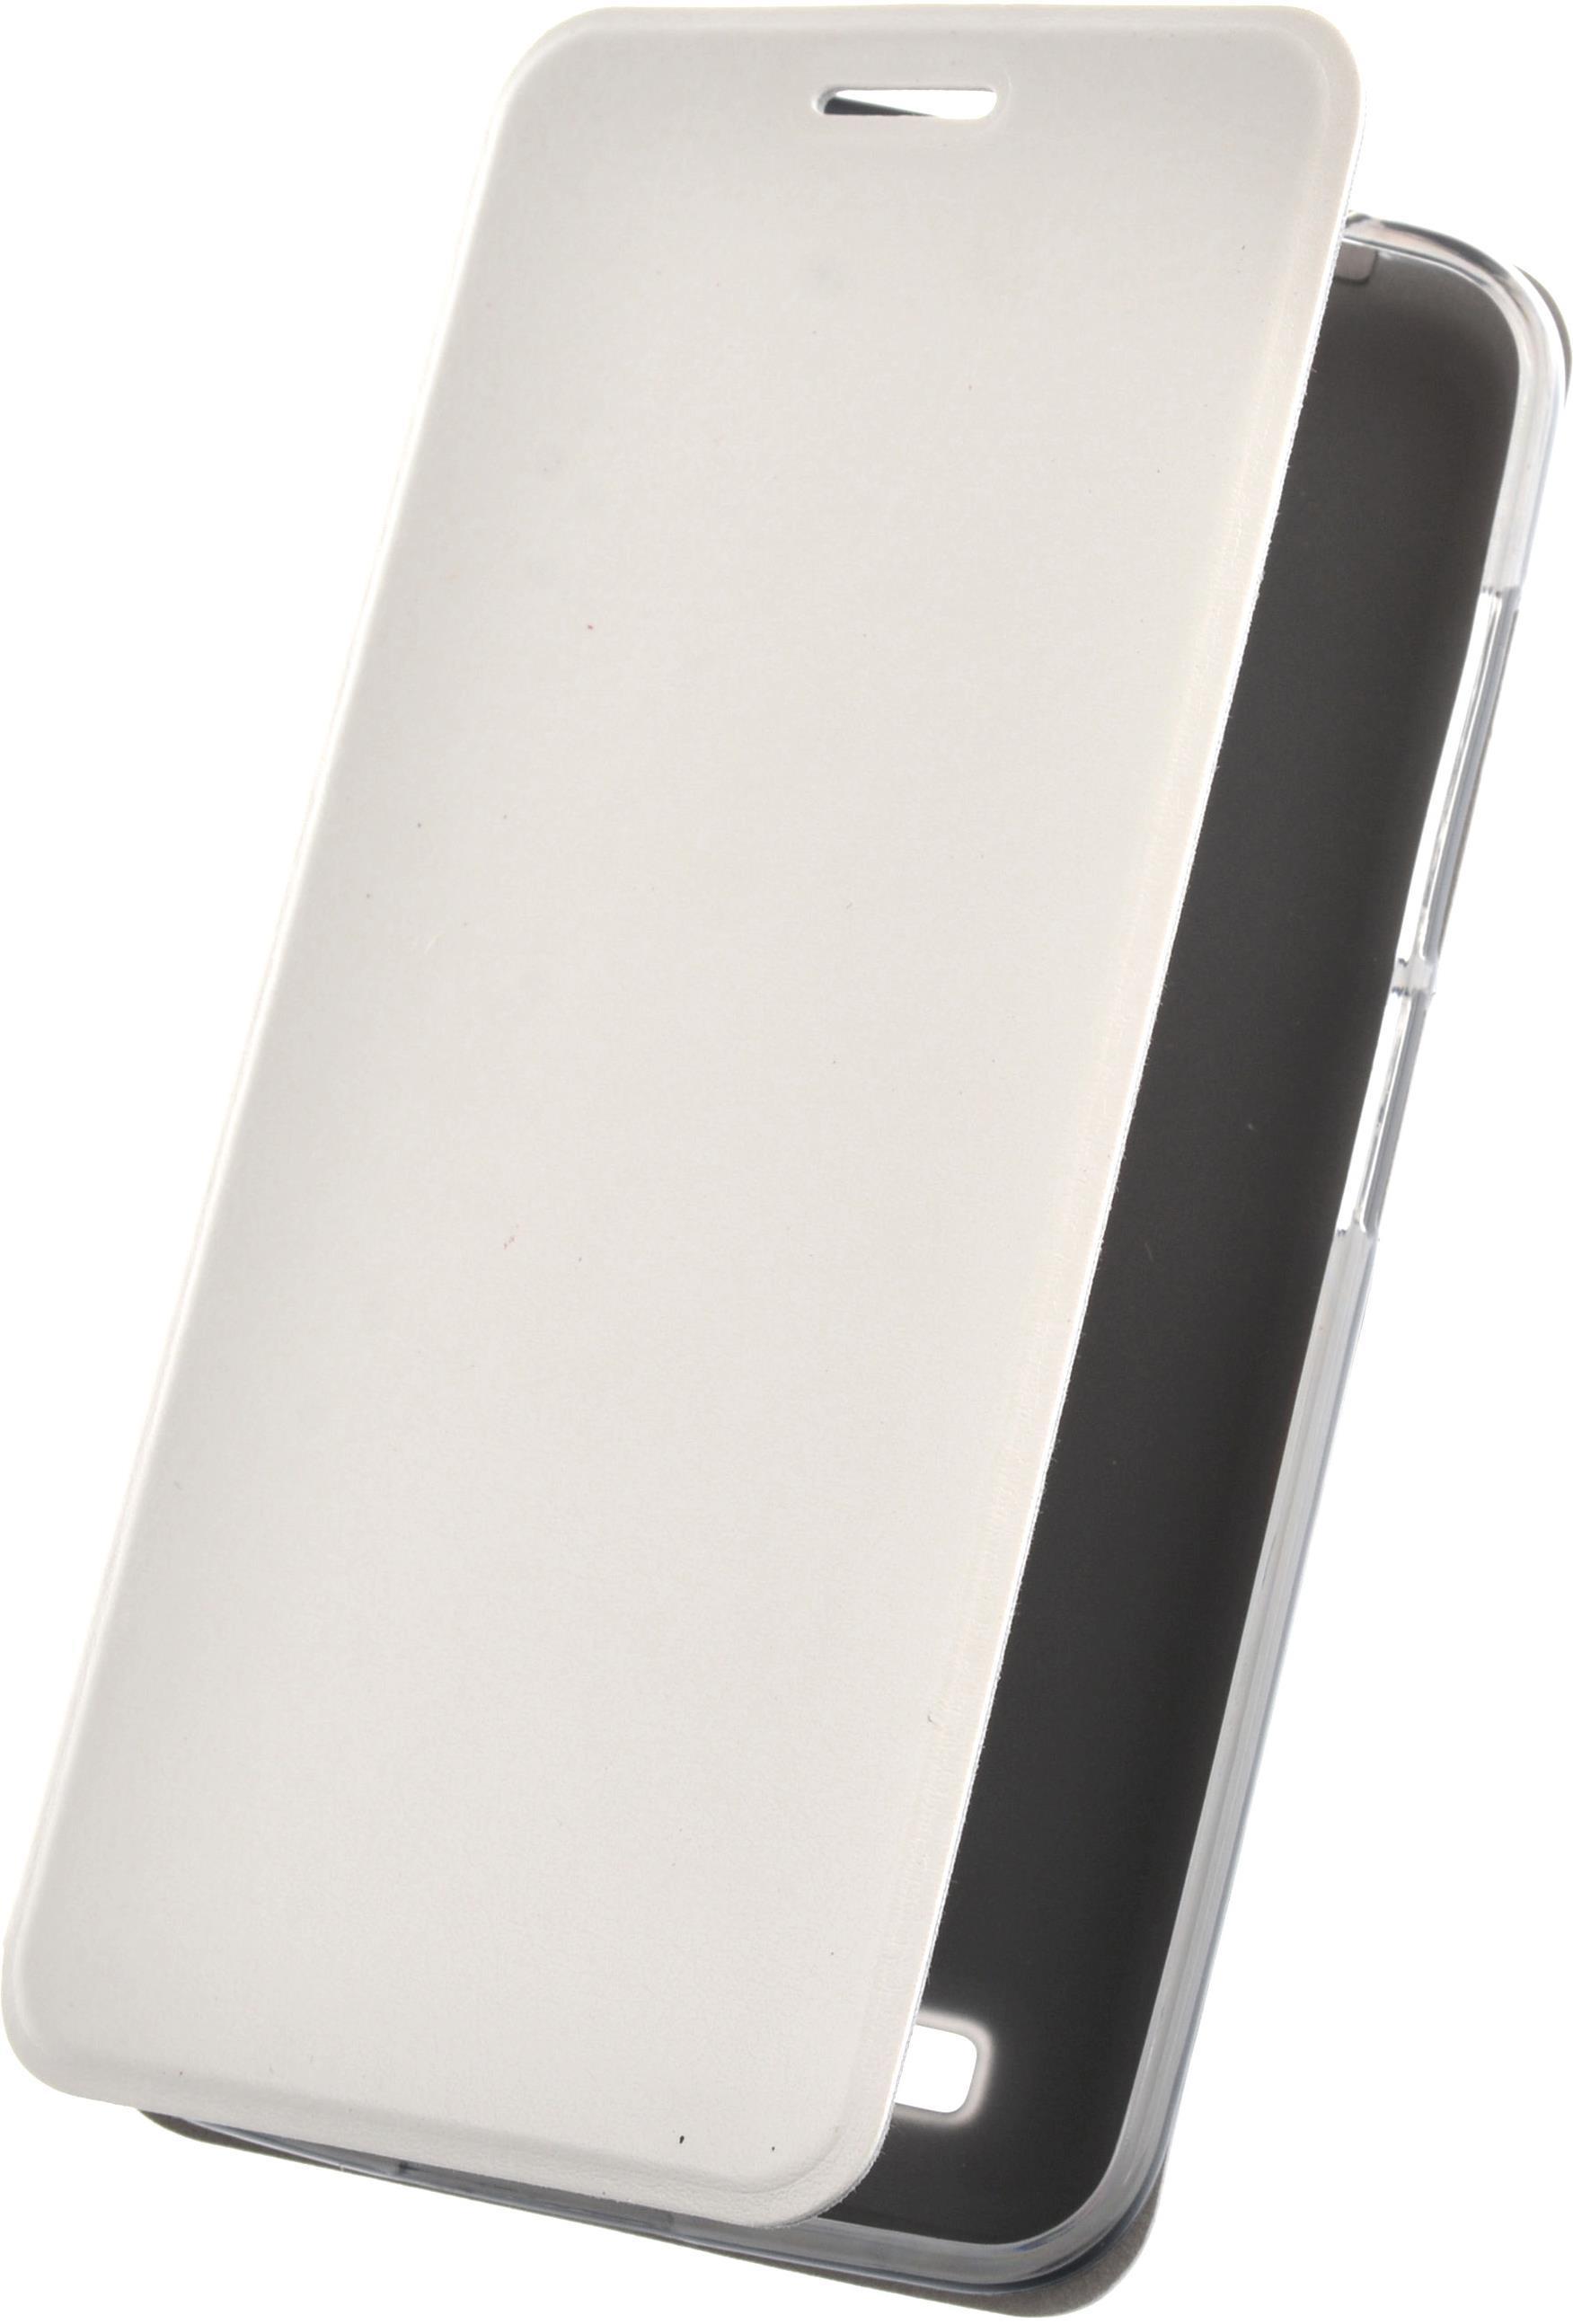 Чехол для ASUS ZenFone Go ZC500TG skinBOX Lux белый чехол для сотового телефона skinbox lux 4660041407143 черный